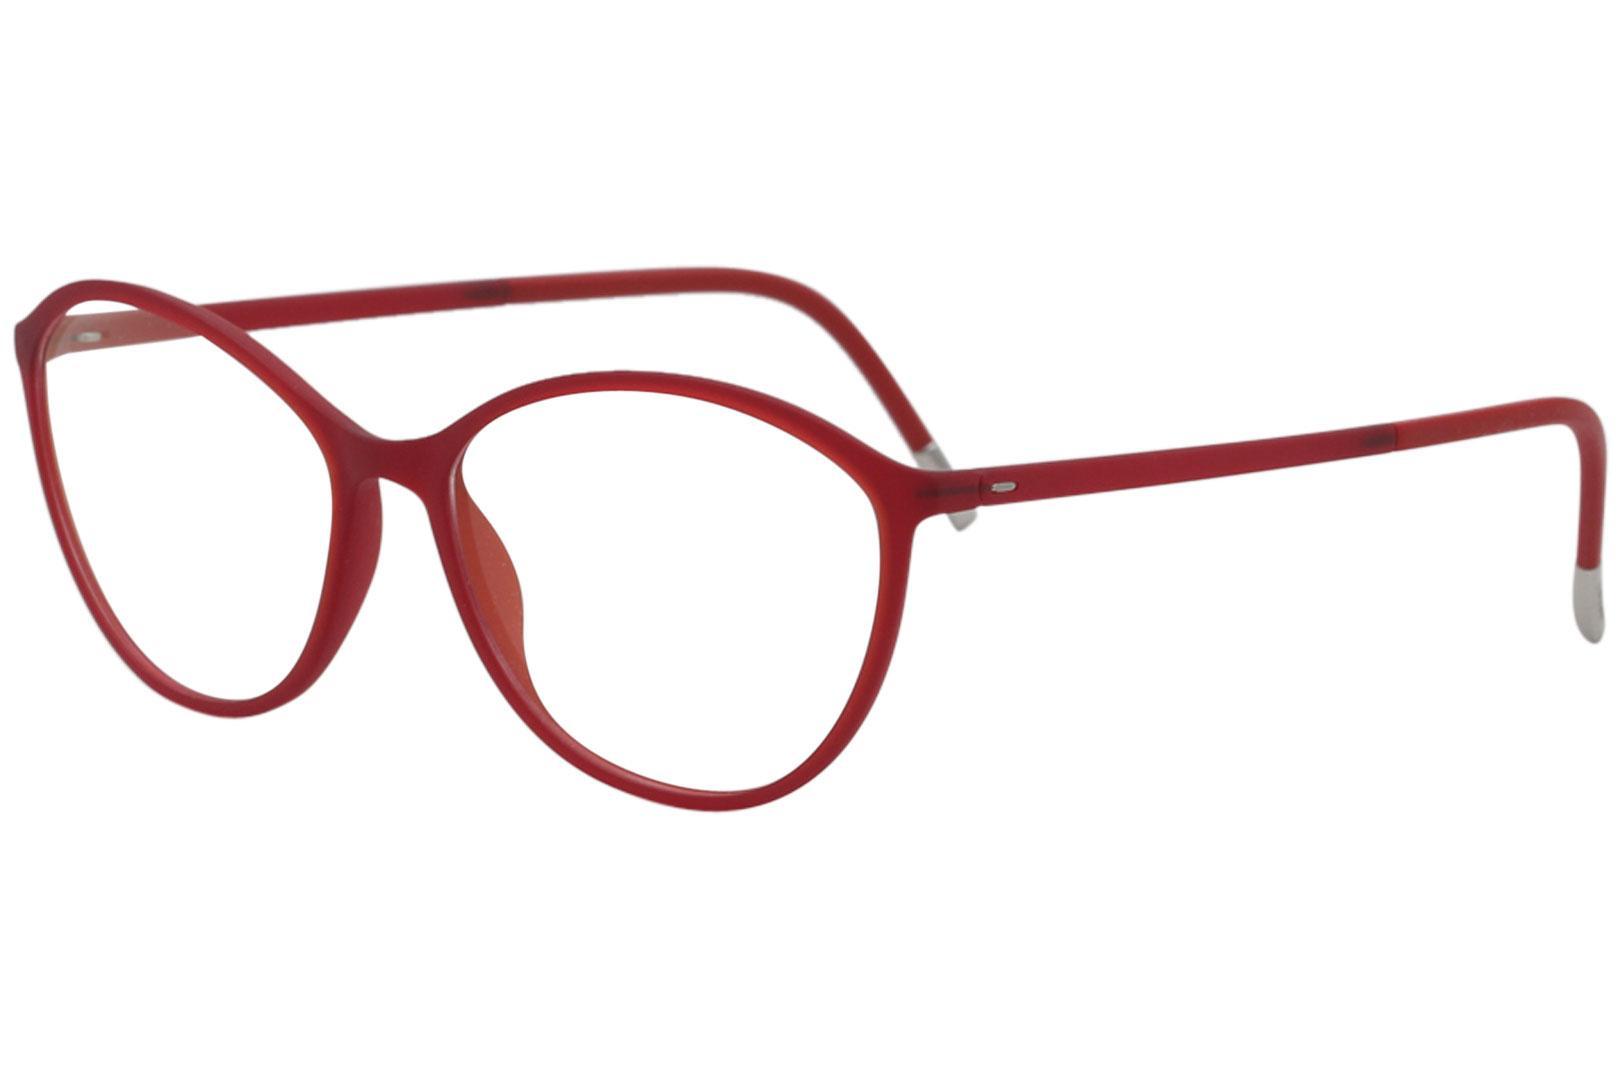 40148cb841bc Silhouette Women S Eyegles Spx Illusion 1584 Full Rim Optical Frame